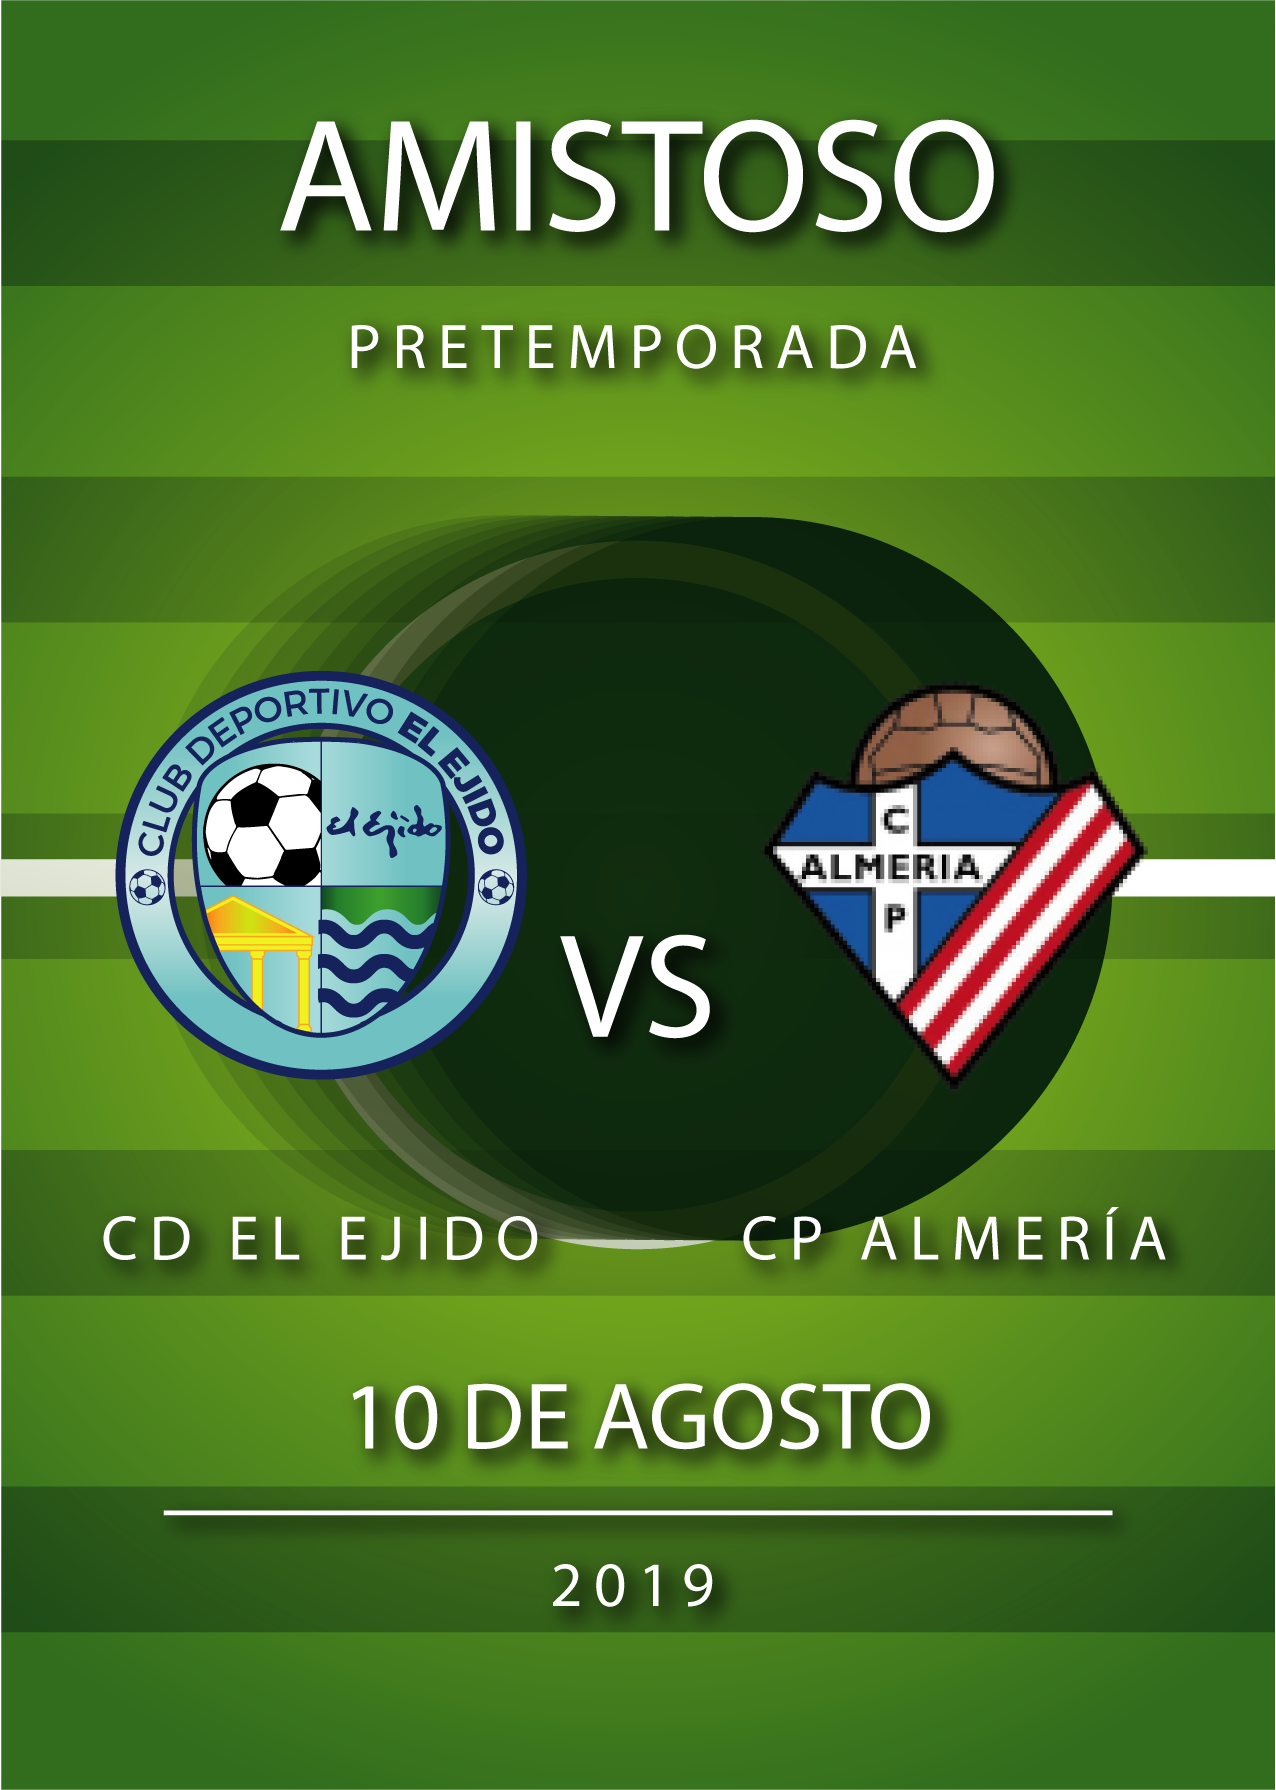 El CD El Ejido jugará un amistoso el 10 de agosto contra el Poli Almería